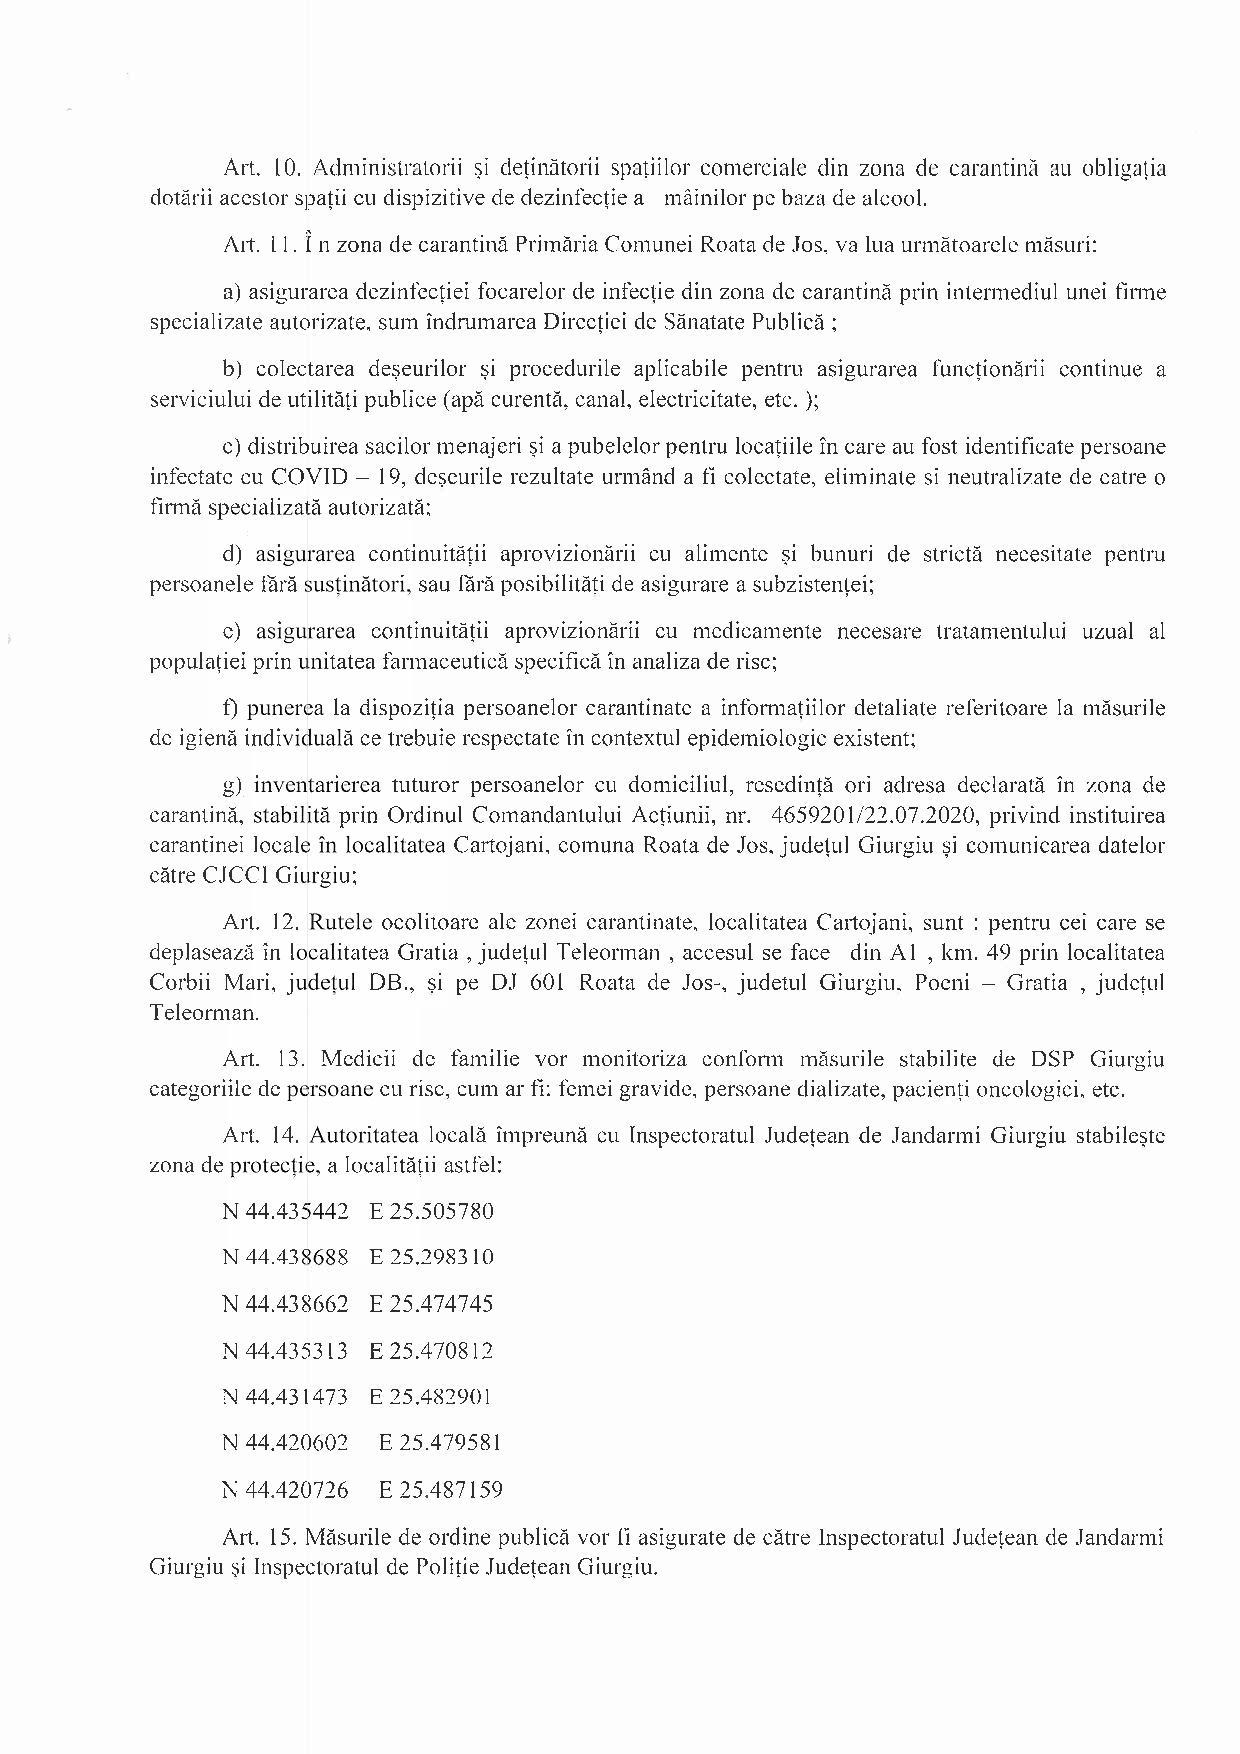 Hotărârea nr 2 - 22.07.2020 pentru instituirea măsurii de carantină pentru localitatea Cartojani din comuna Roata de Jos, județul Giurgiu - p3